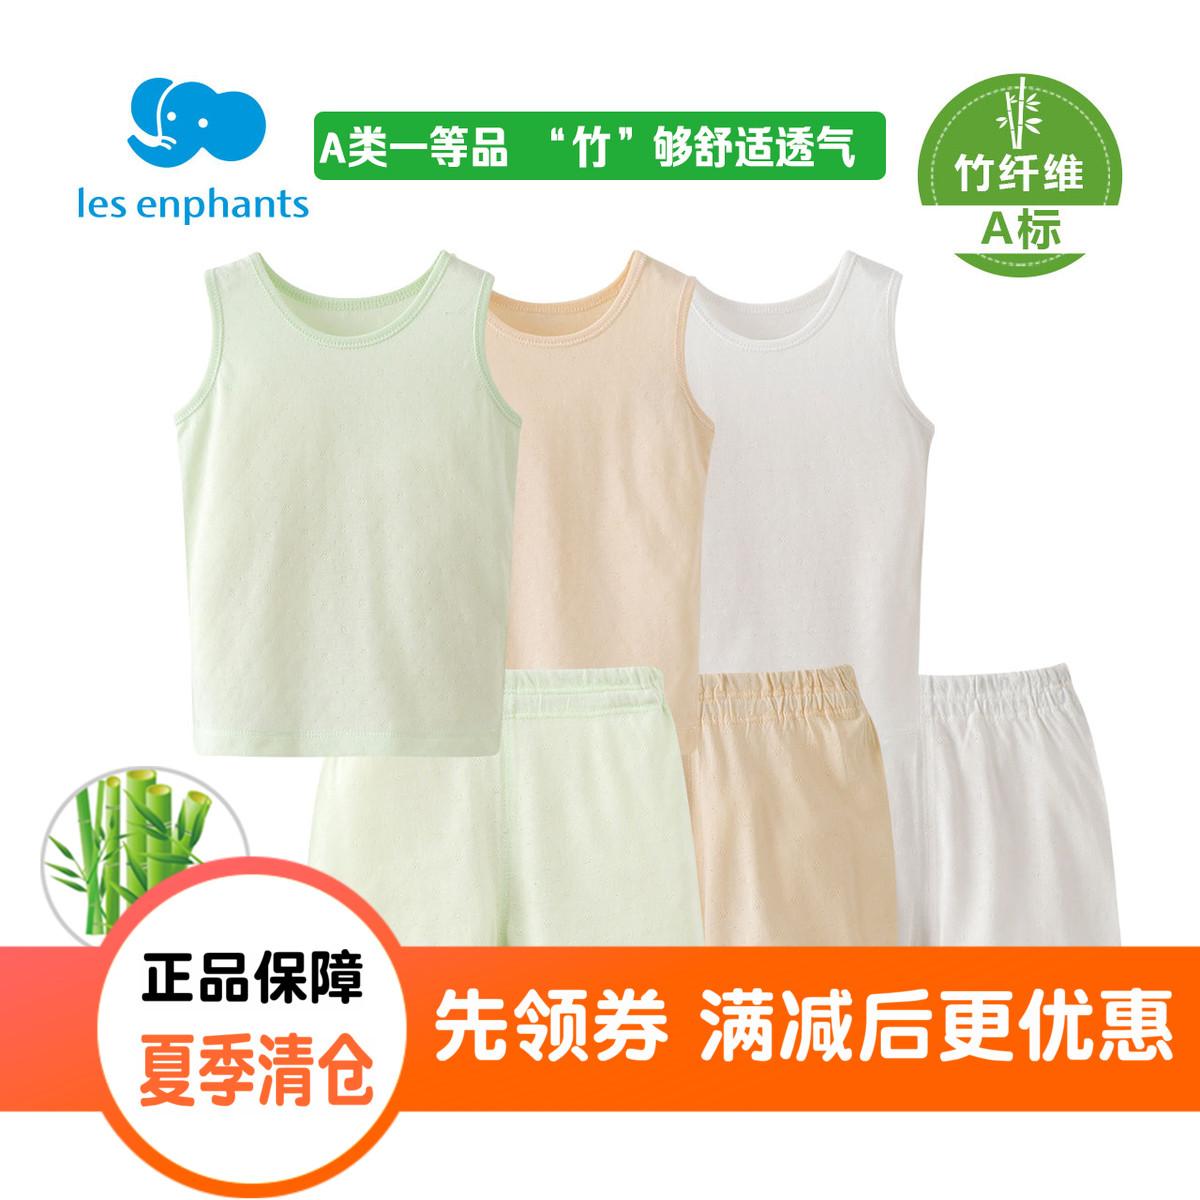 丽婴房背心套装儿童竹纤维男女童夏季薄款透气内衣套装 2018新款